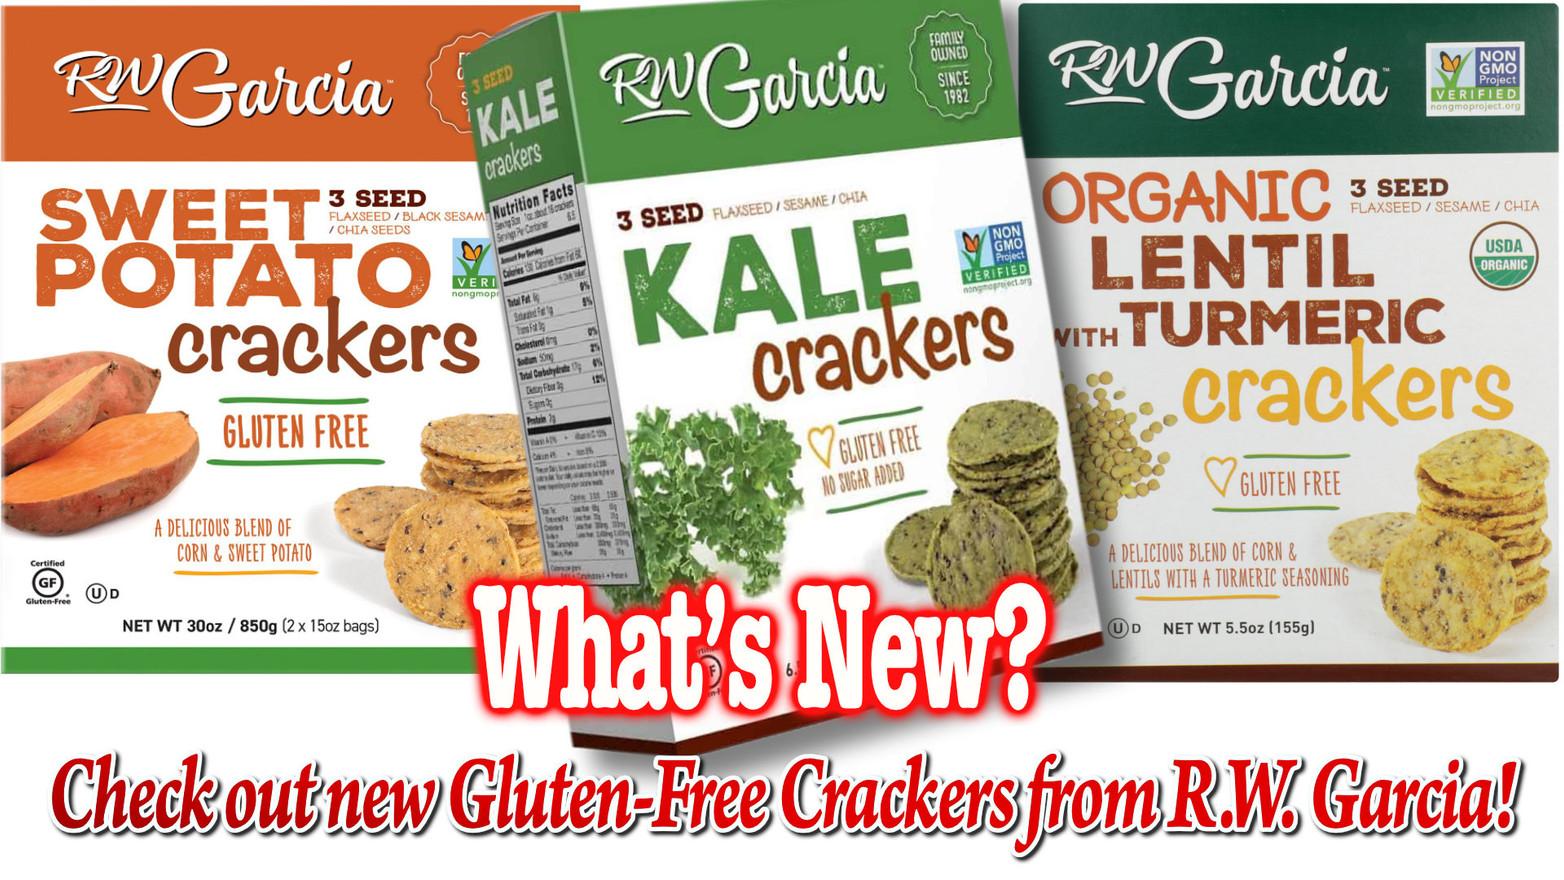 RC Garcia crackers.jpg